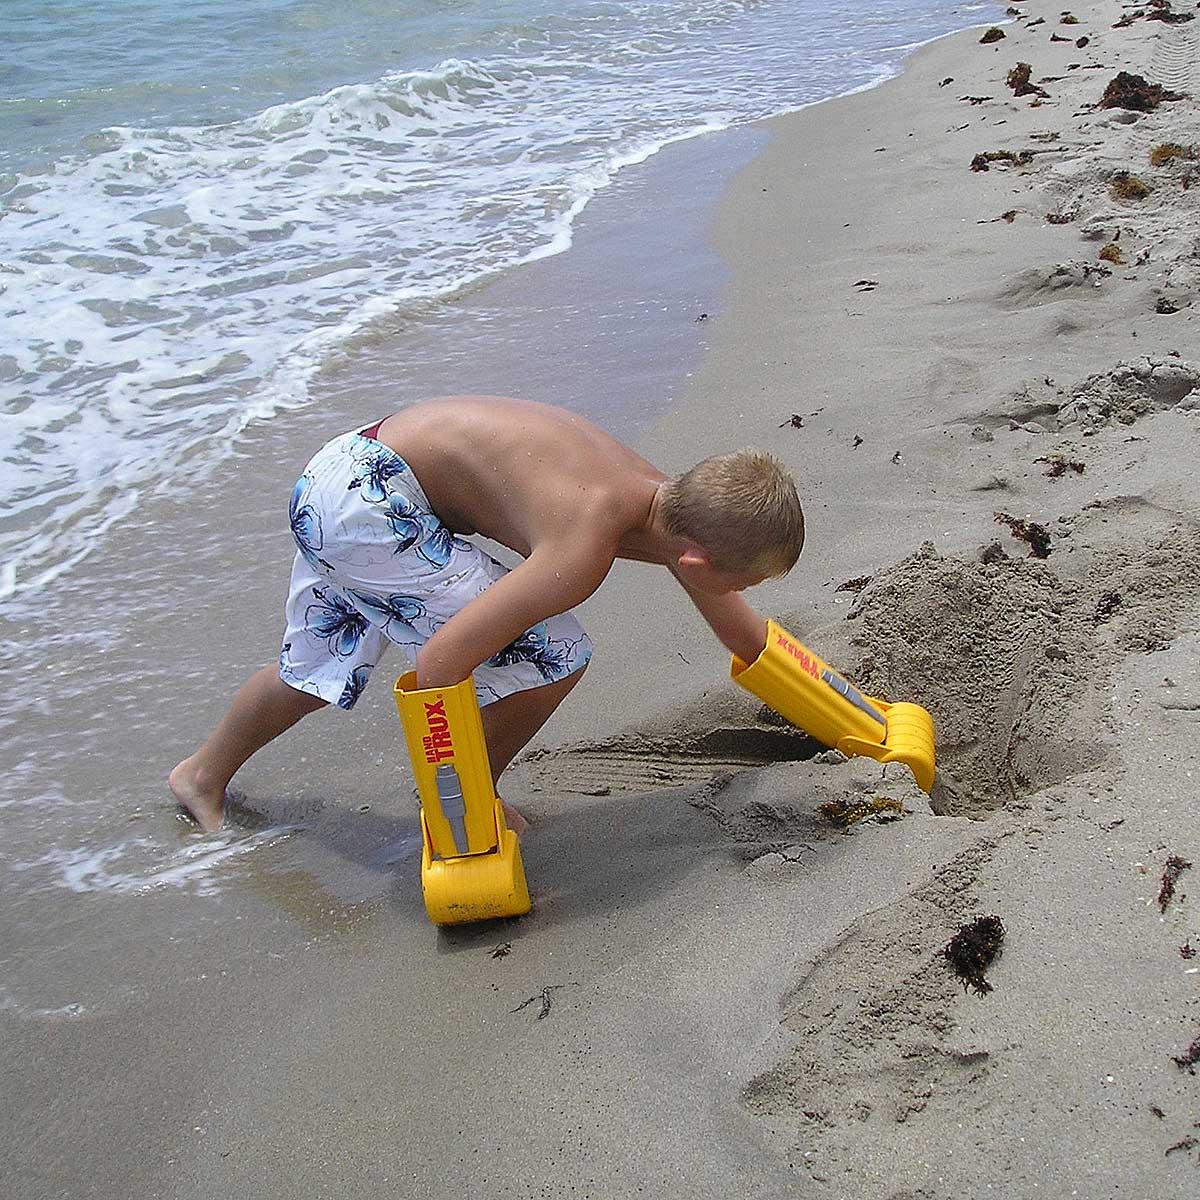 A magassarkú búváruszonytól a strandtrezorig: 11 találmány, ami megpróbálta forradalmasítani a strandolást